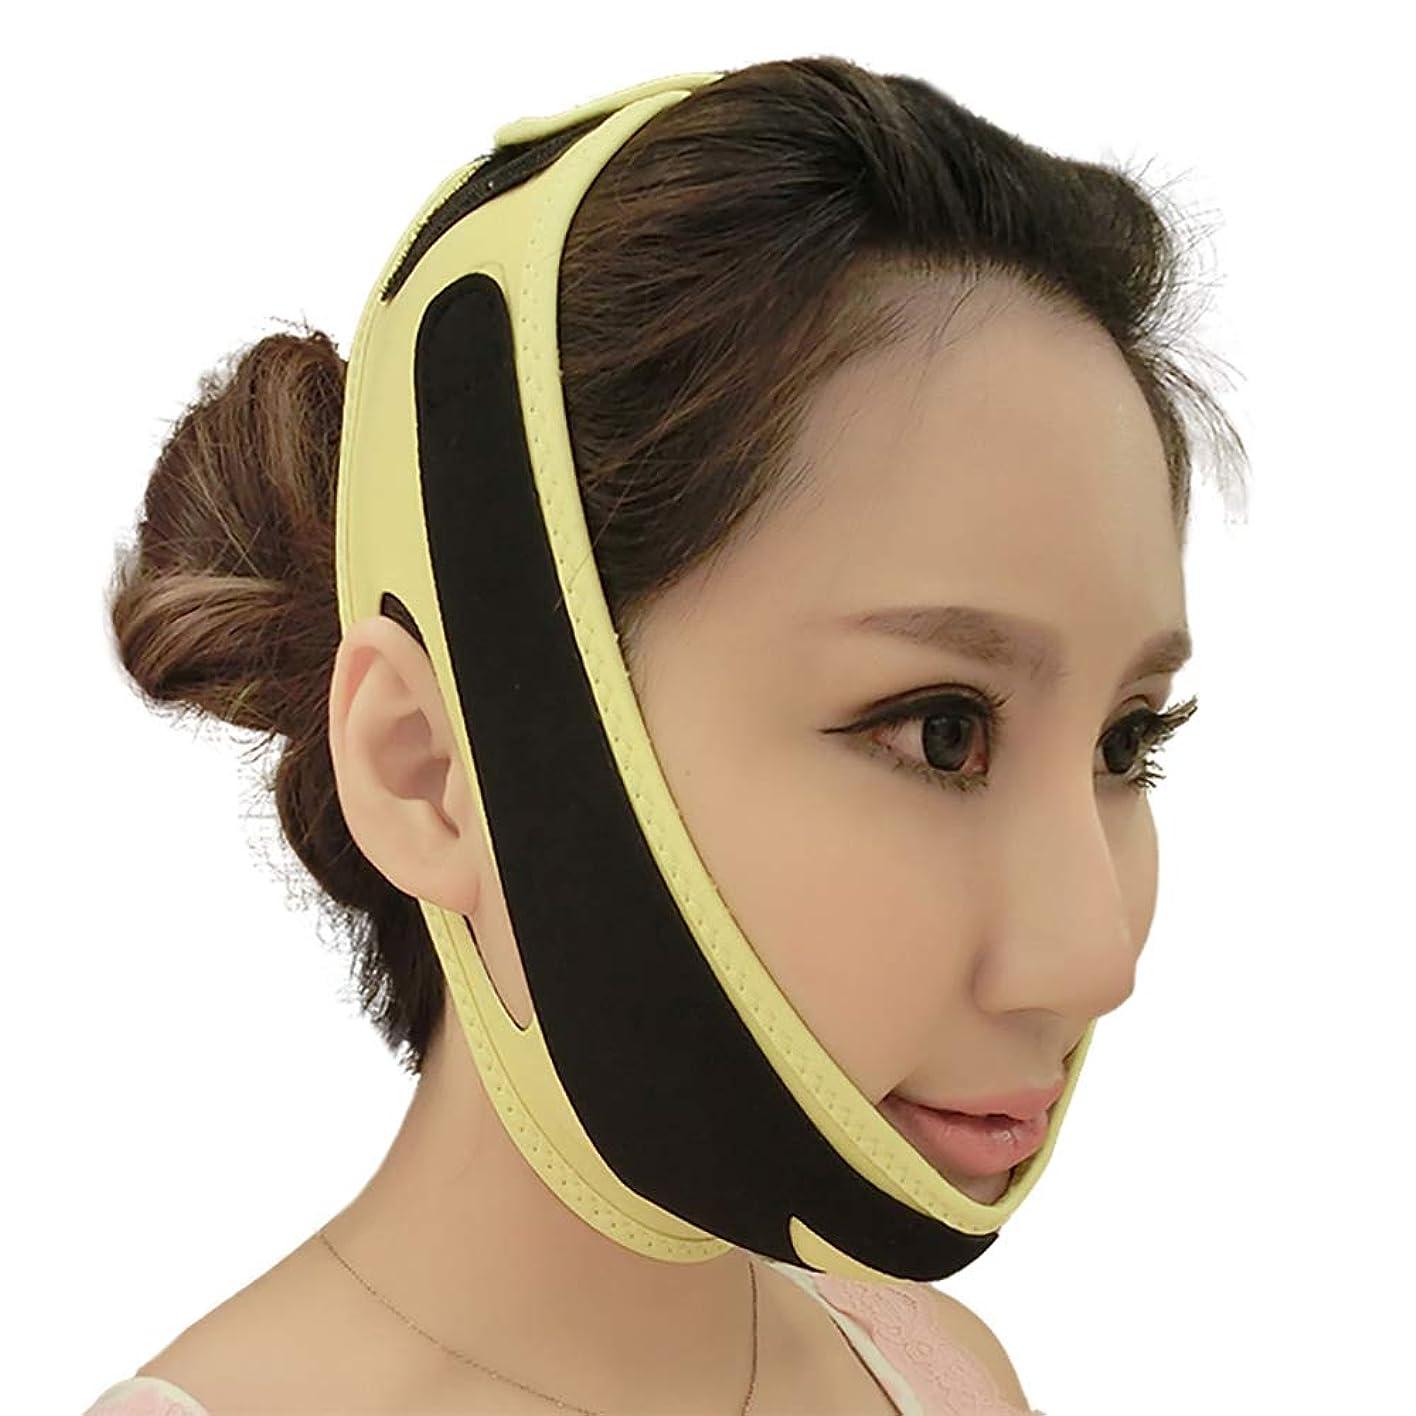 ケニアドメイン存在痩身頬マスク、アンチリンクルVラインフェイシャルマスクリフトアップストラップチンフェイスラインベルトストラップバンド,Yellow